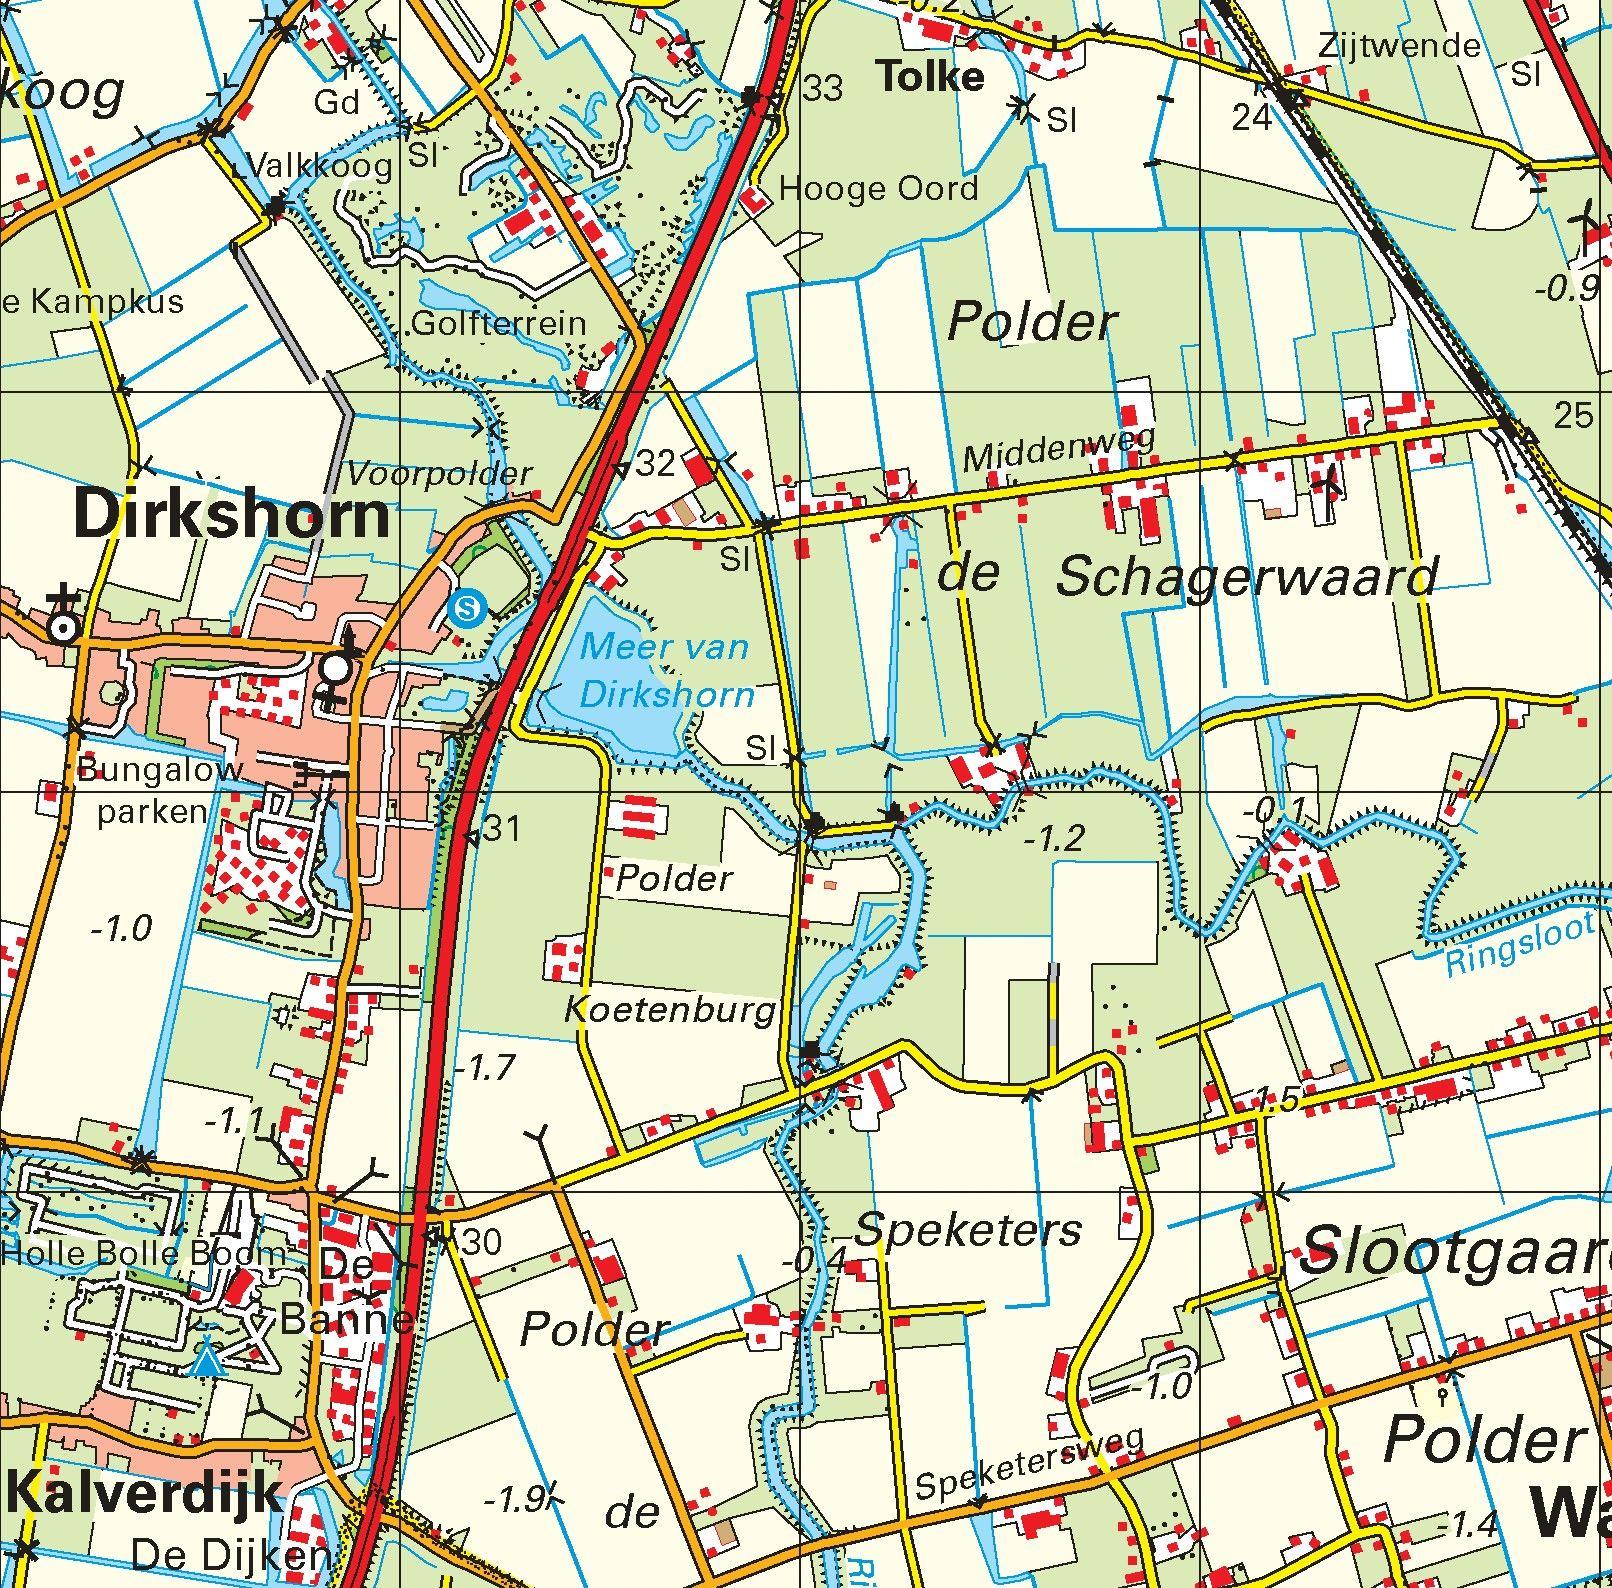 Topografische kaart schaal 1:50.000 (Alkmaar, Schagen, Hoorn, Heerhugowaard)